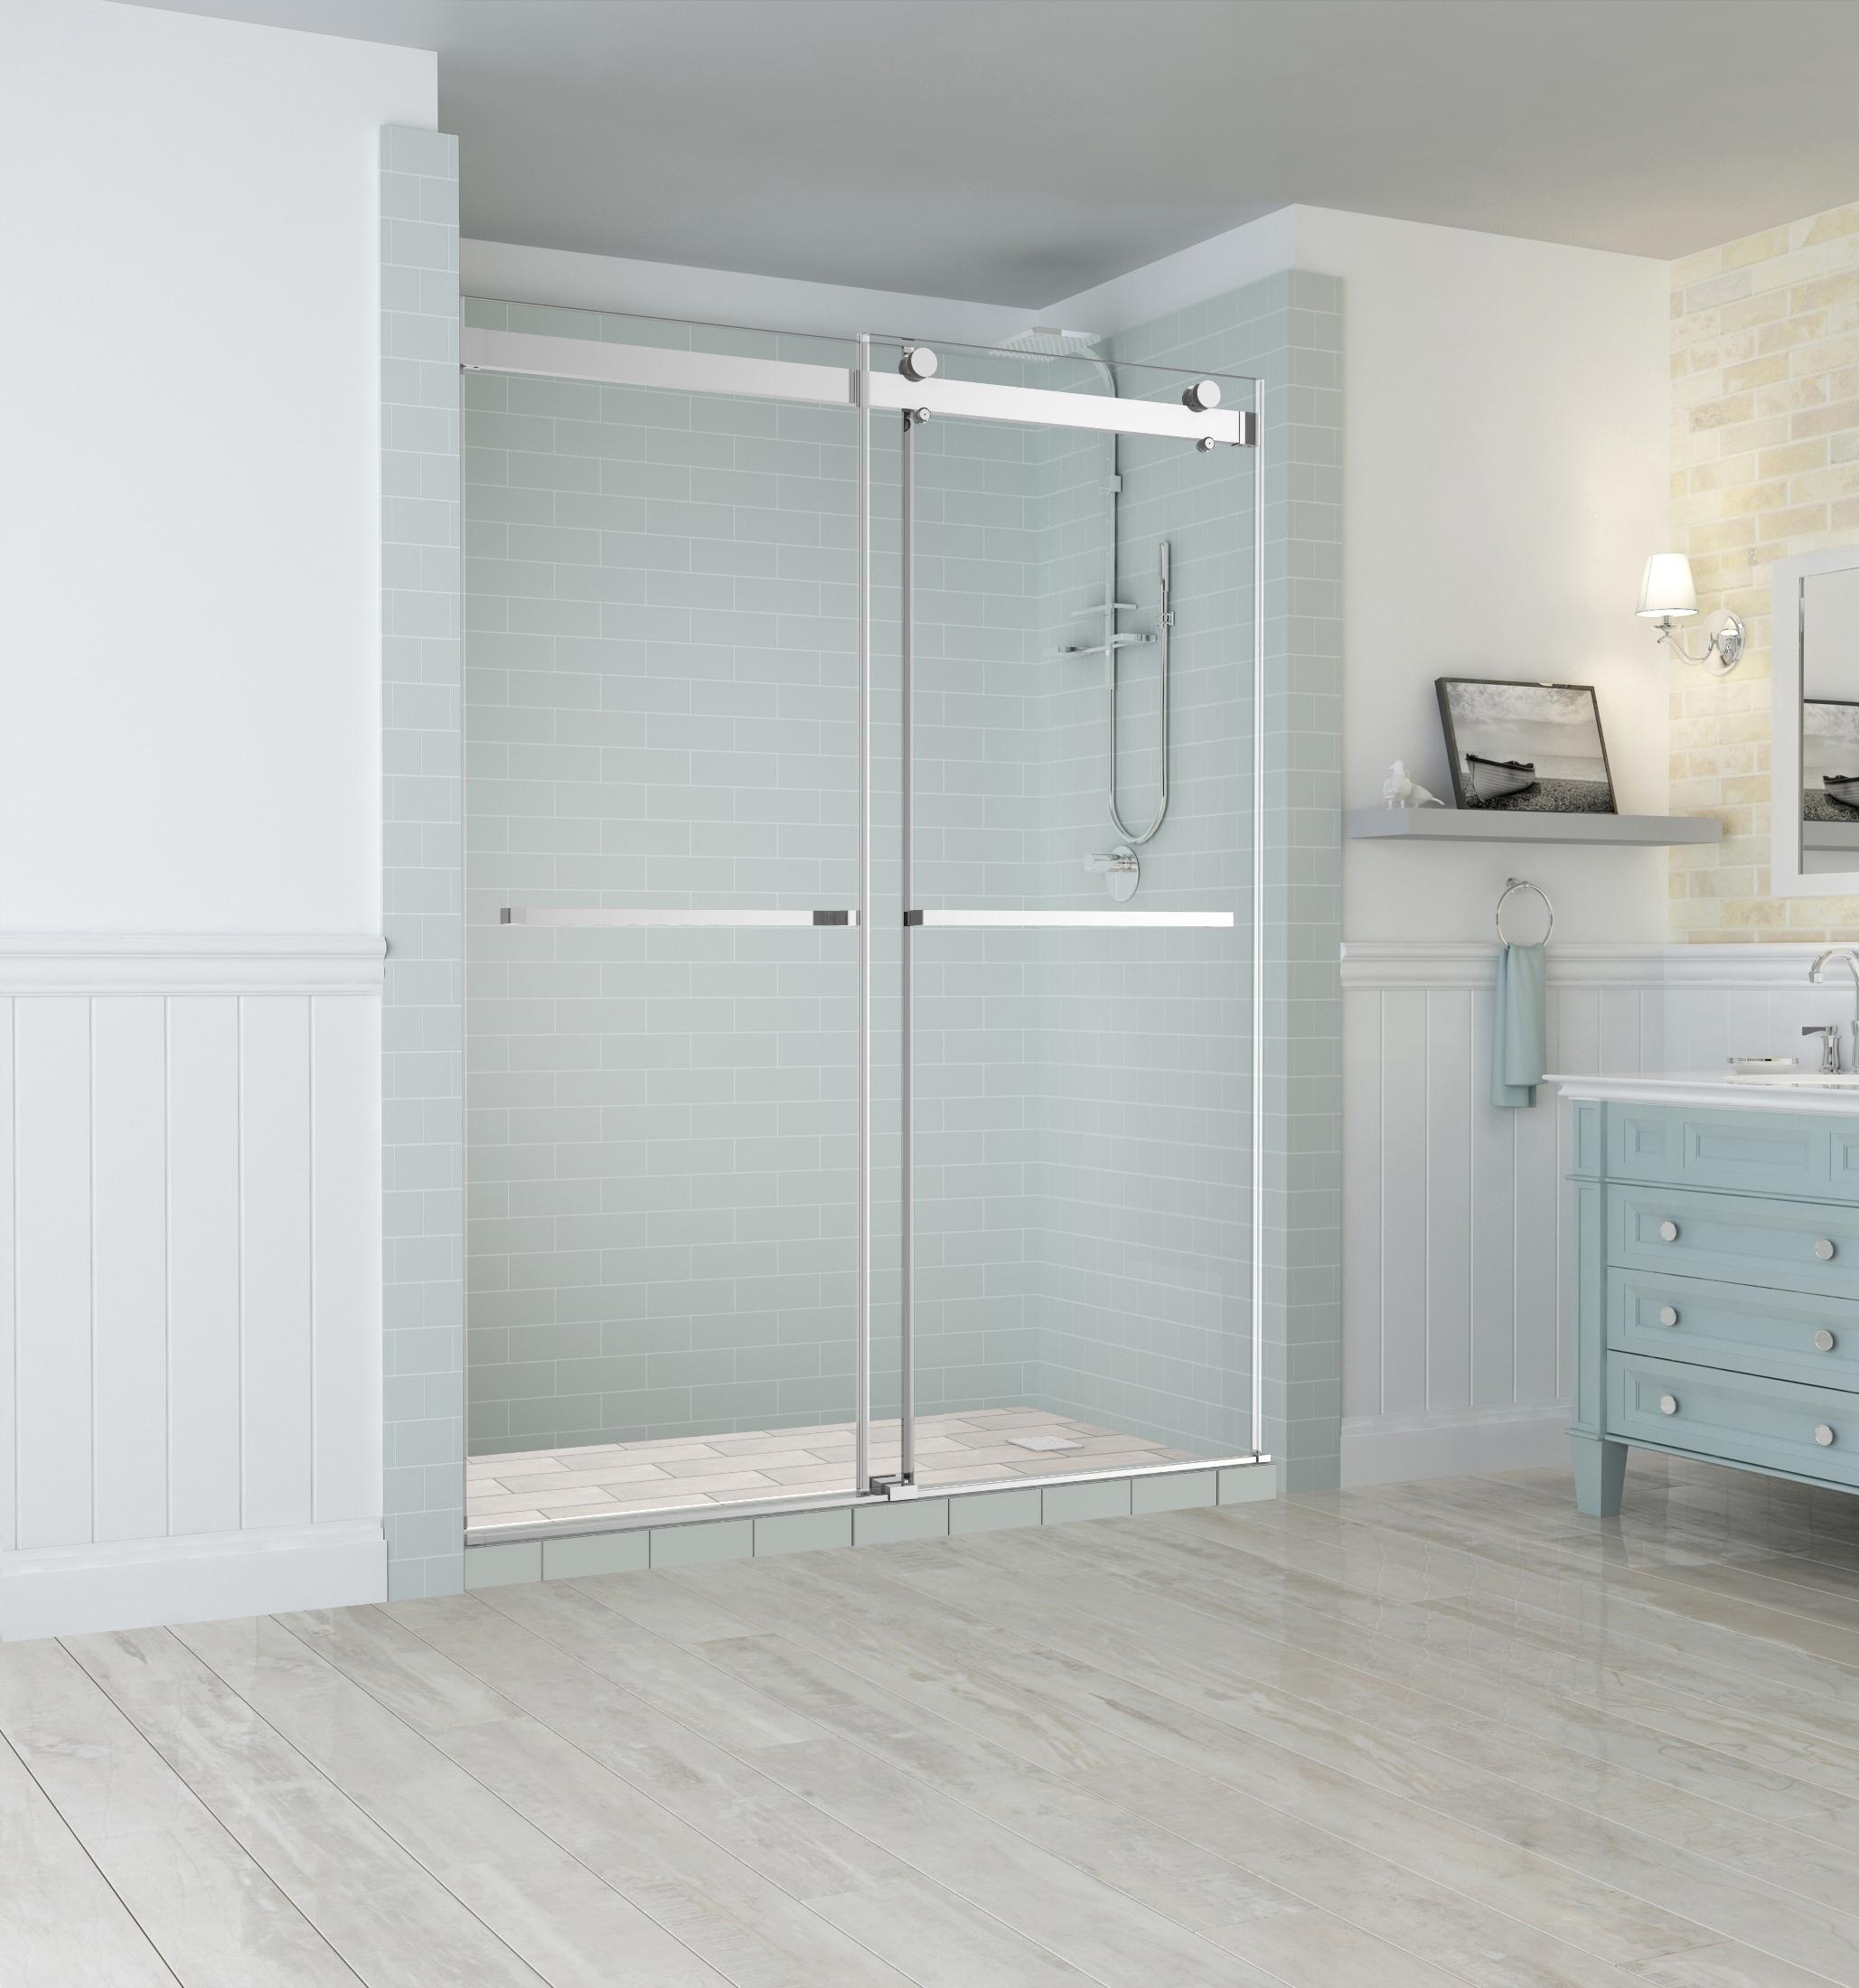 Design Journal Adex Awards Frameless Shower Doors